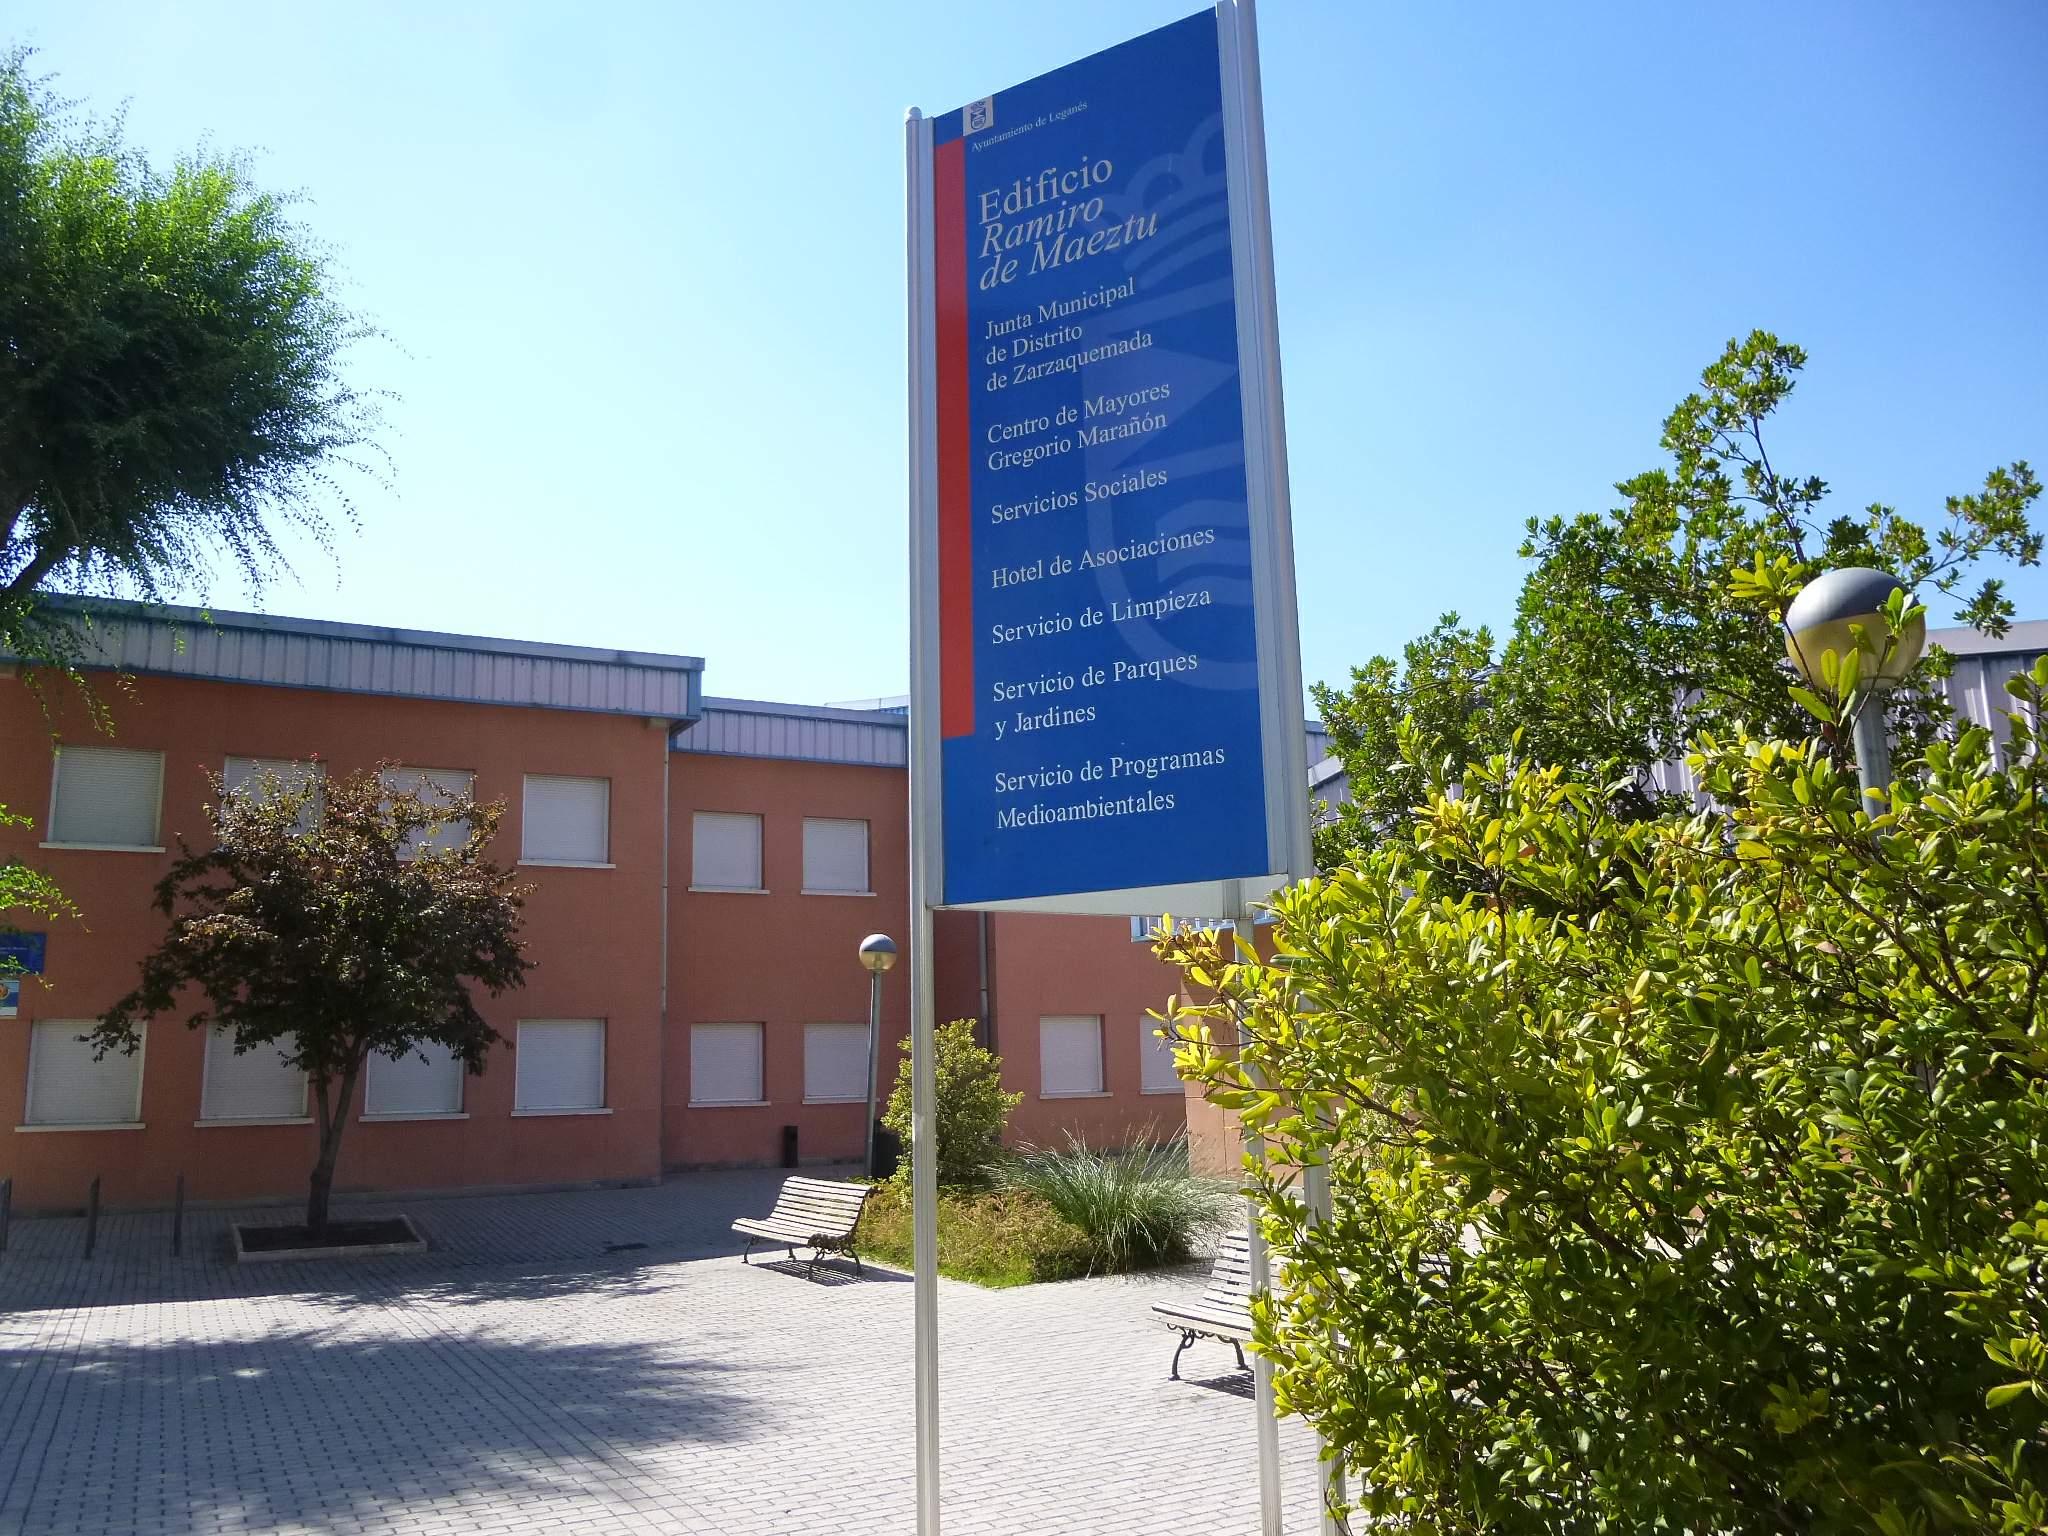 Centro de Servicios sociales Social Ramiro de Maeztu